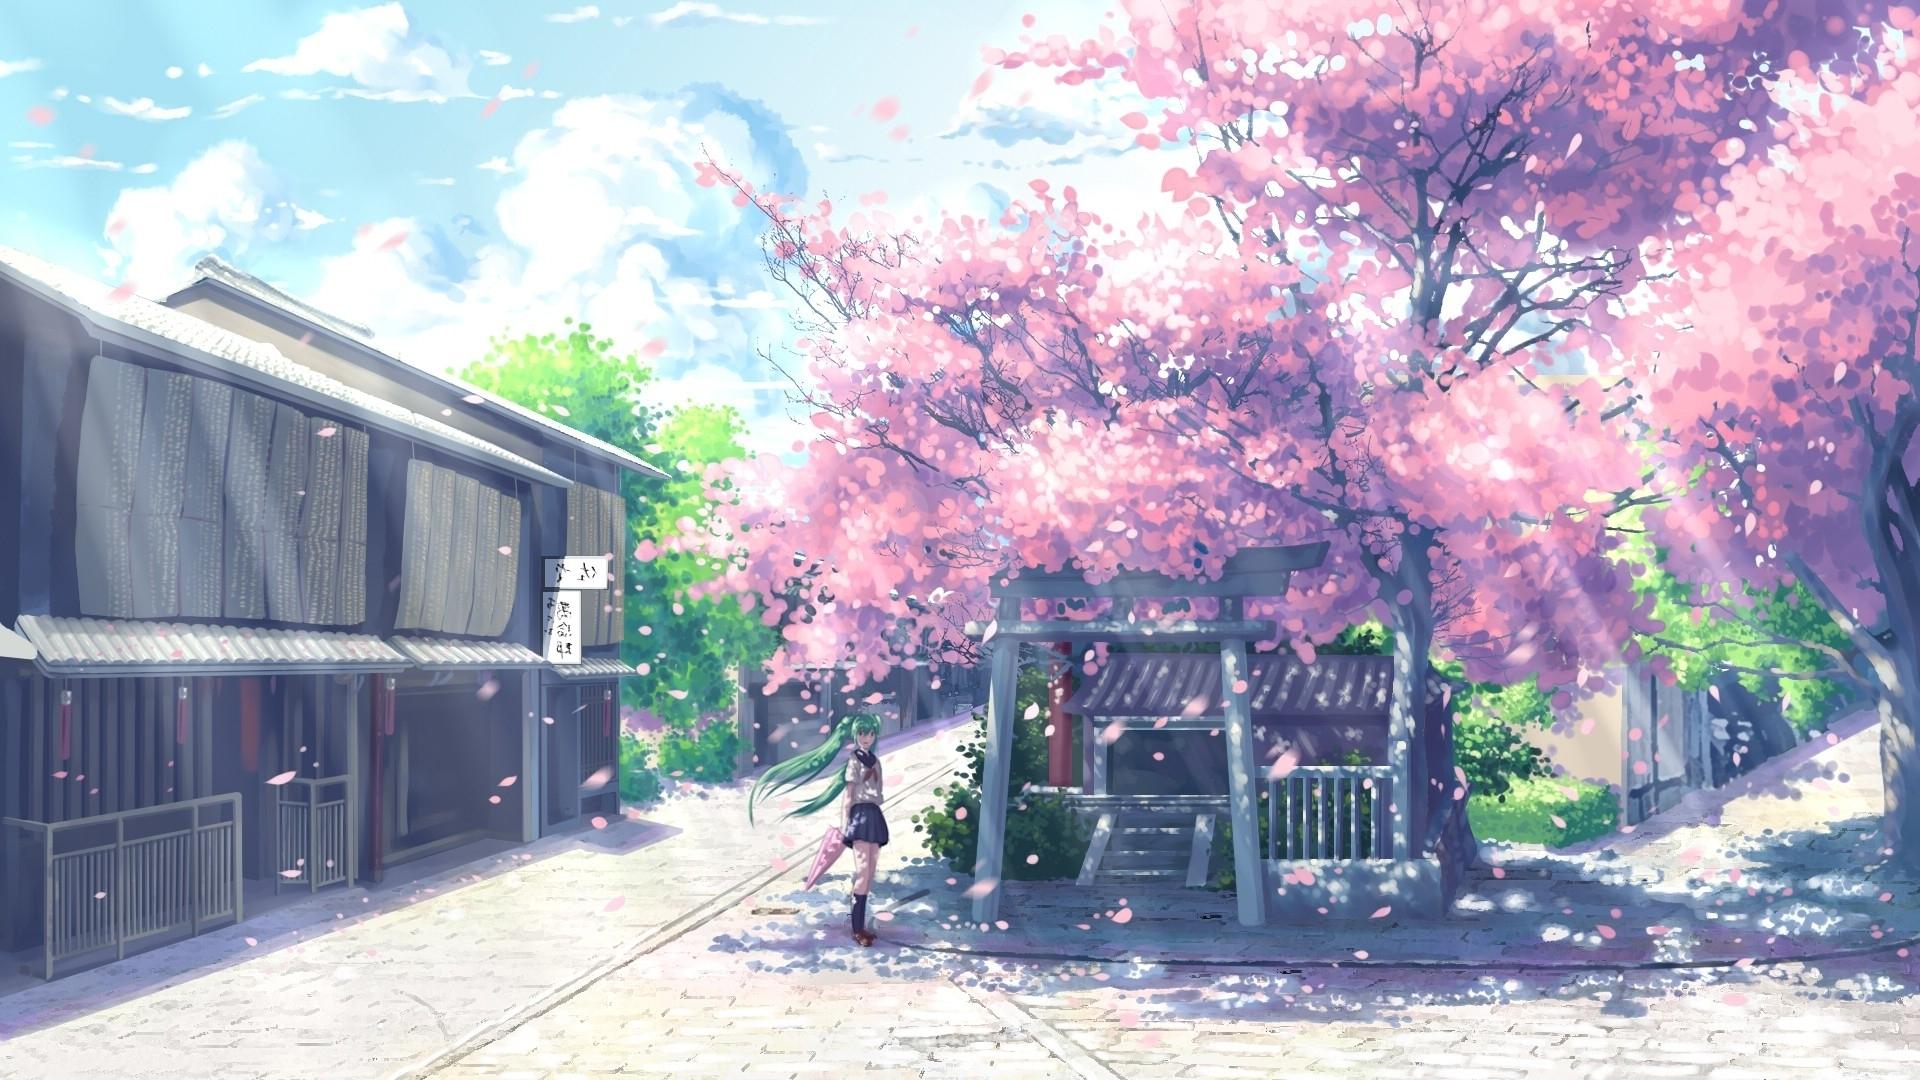 new cherry blossom wallpaper desktop 1920x1080 anime design - anime